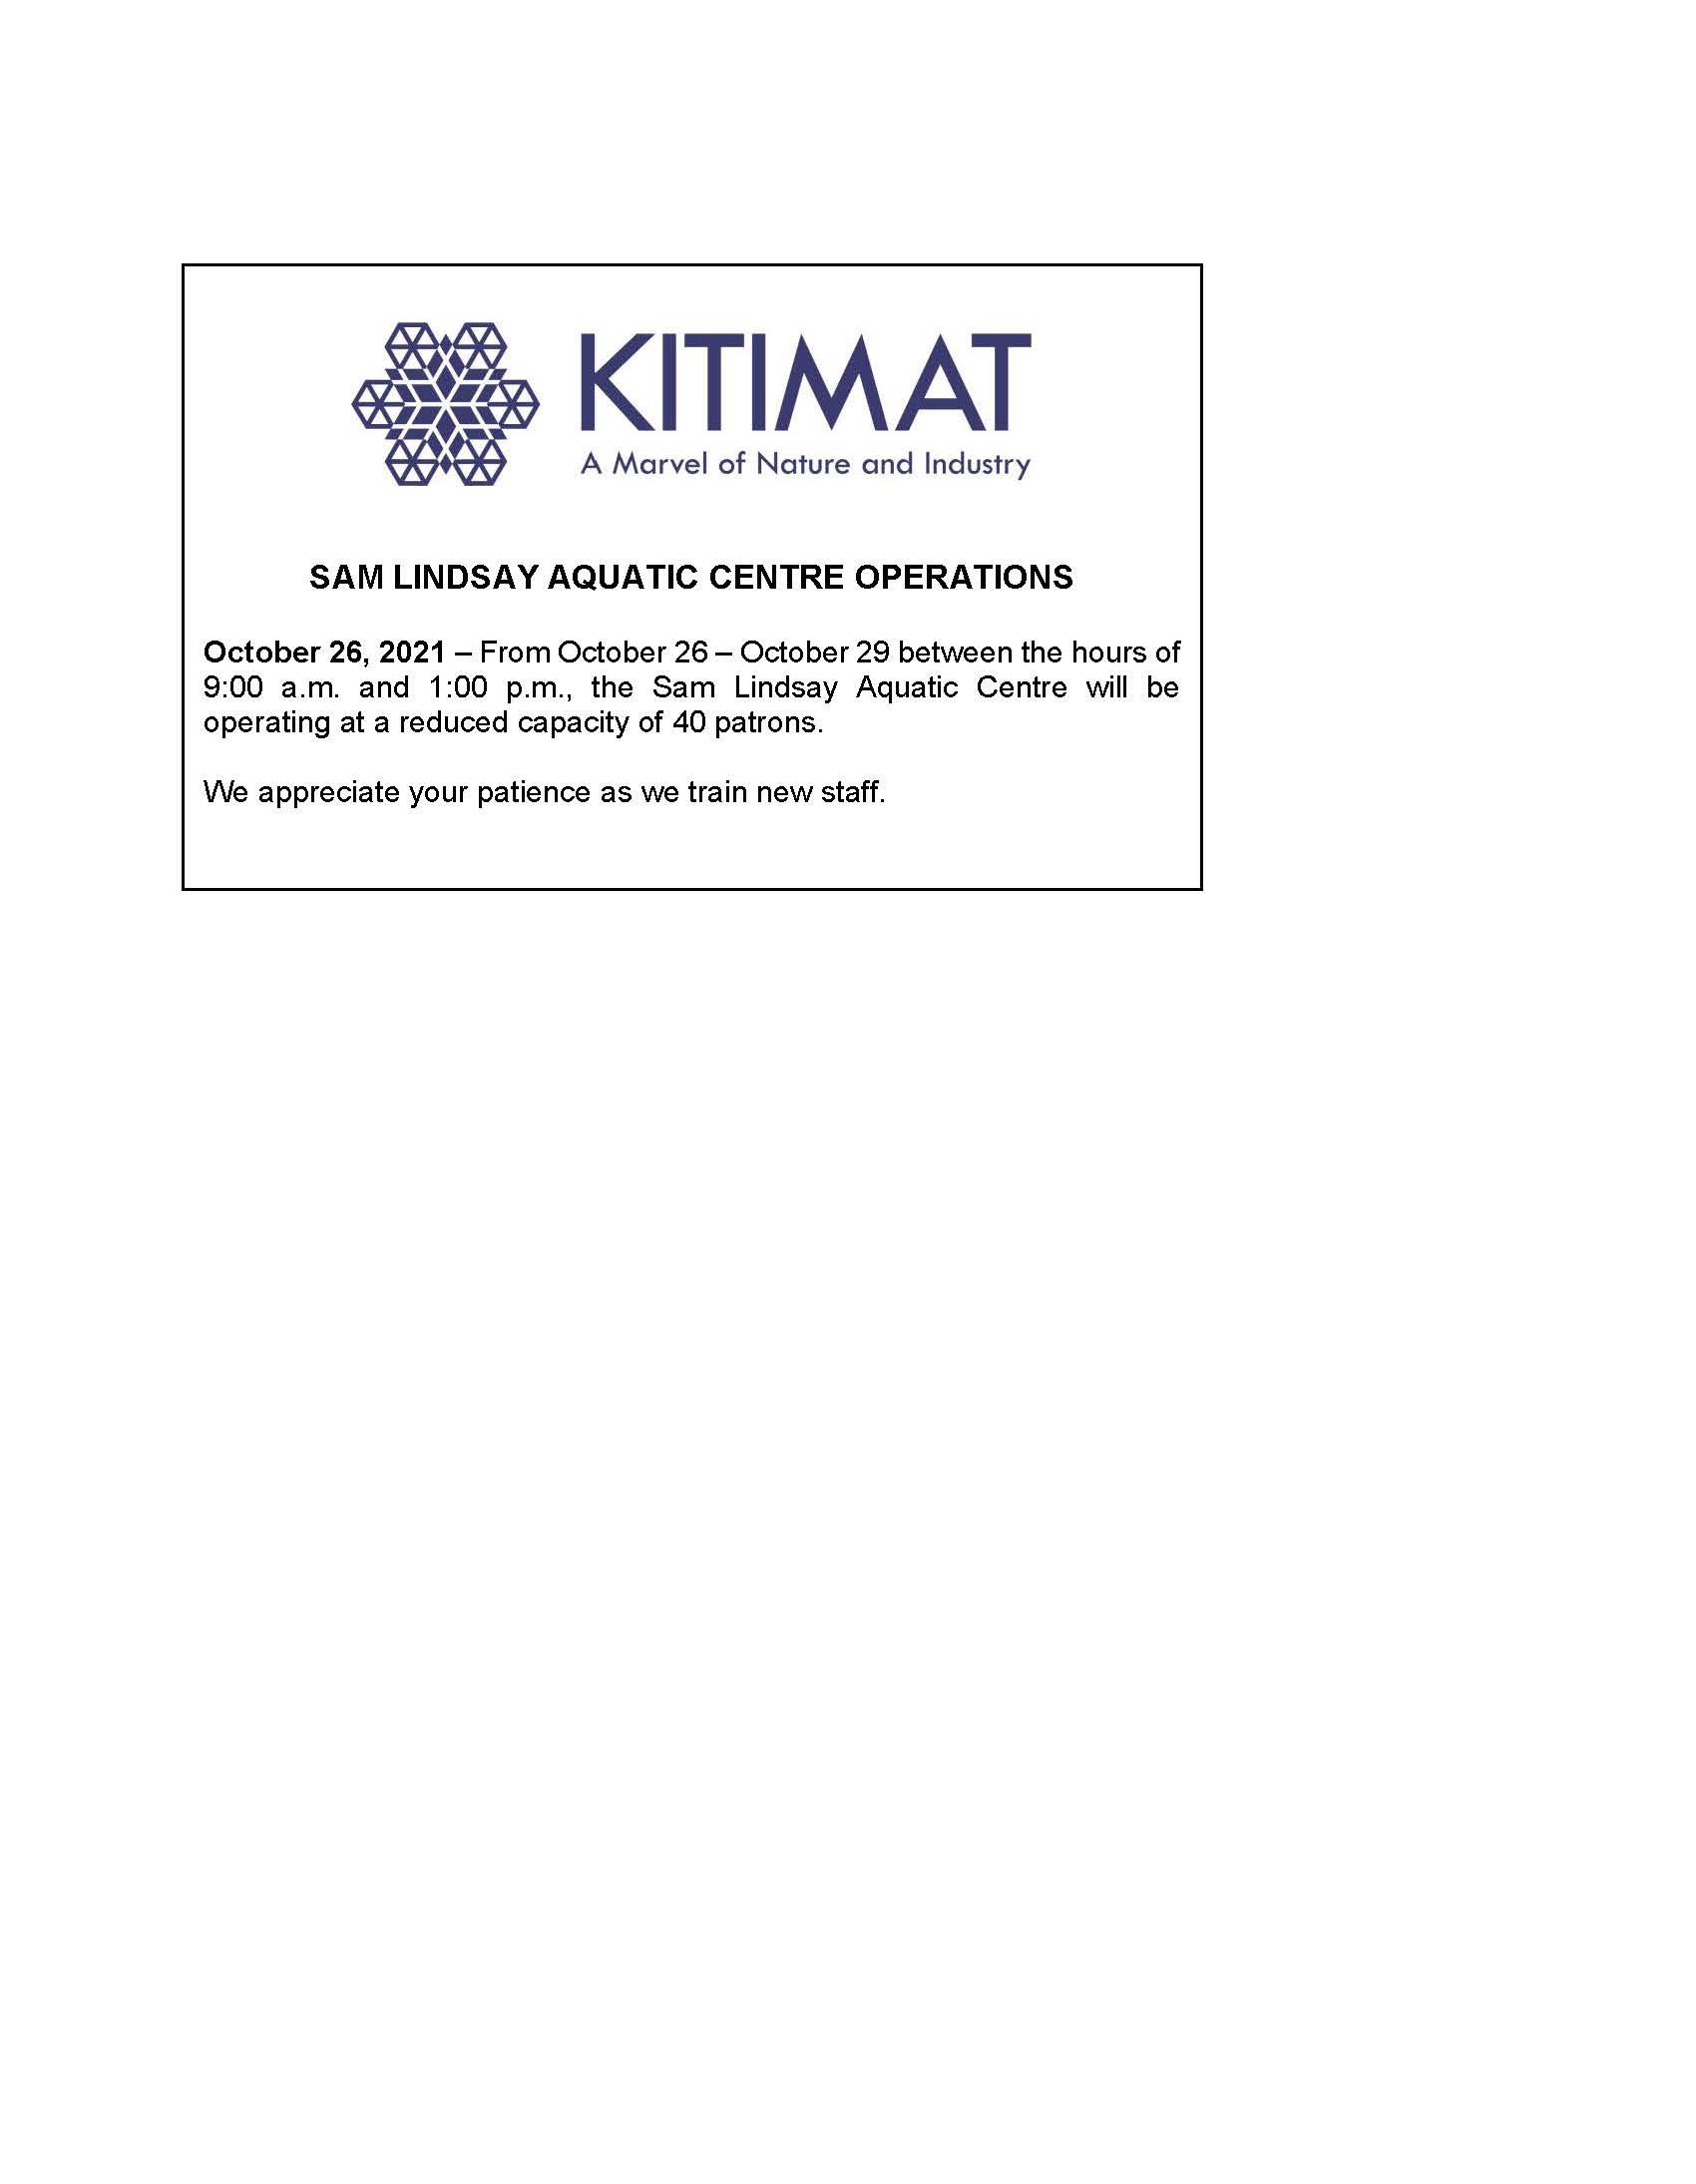 Sam Lindsay Aquatic Centre Operations